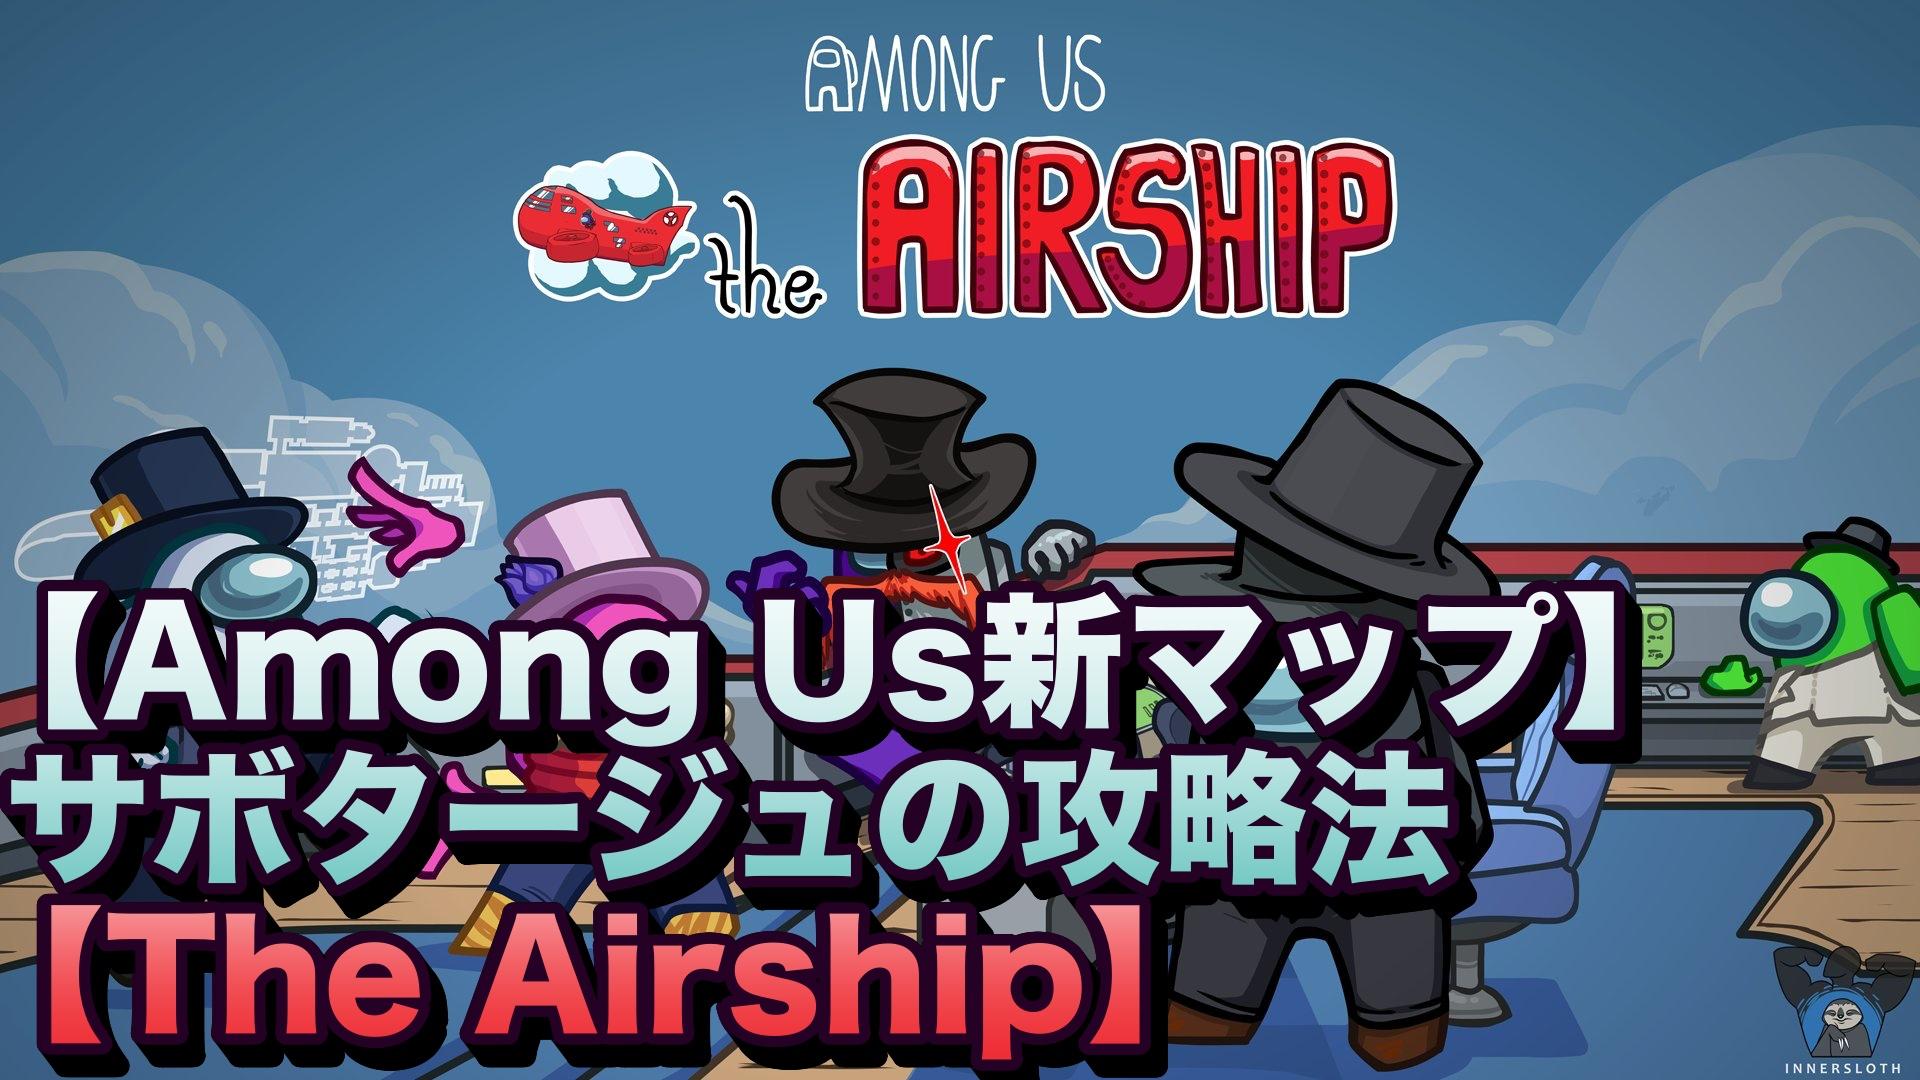 【Among Us新マップ】サボタージュの攻略法【The Airship】